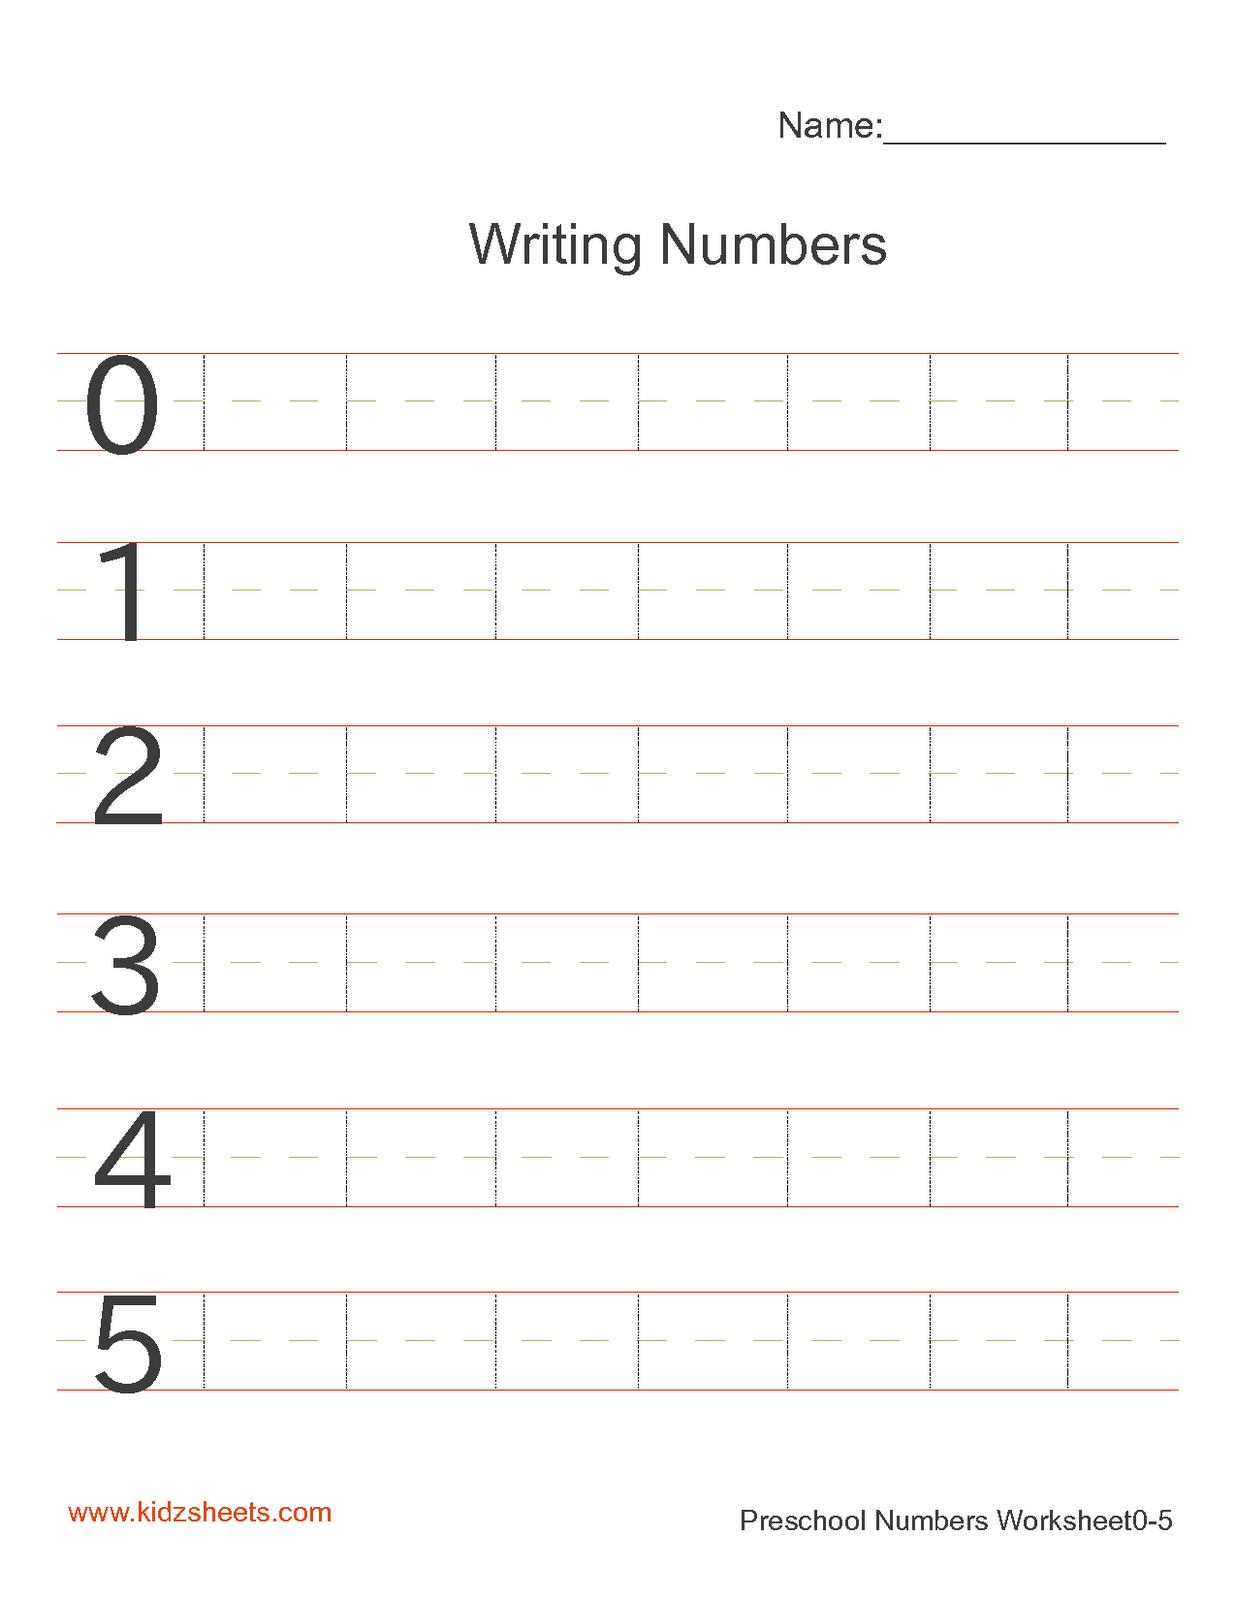 Kidz Worksheets: Preschool Writing Numbers Worksheet1 [ 1600 x 1236 Pixel ]